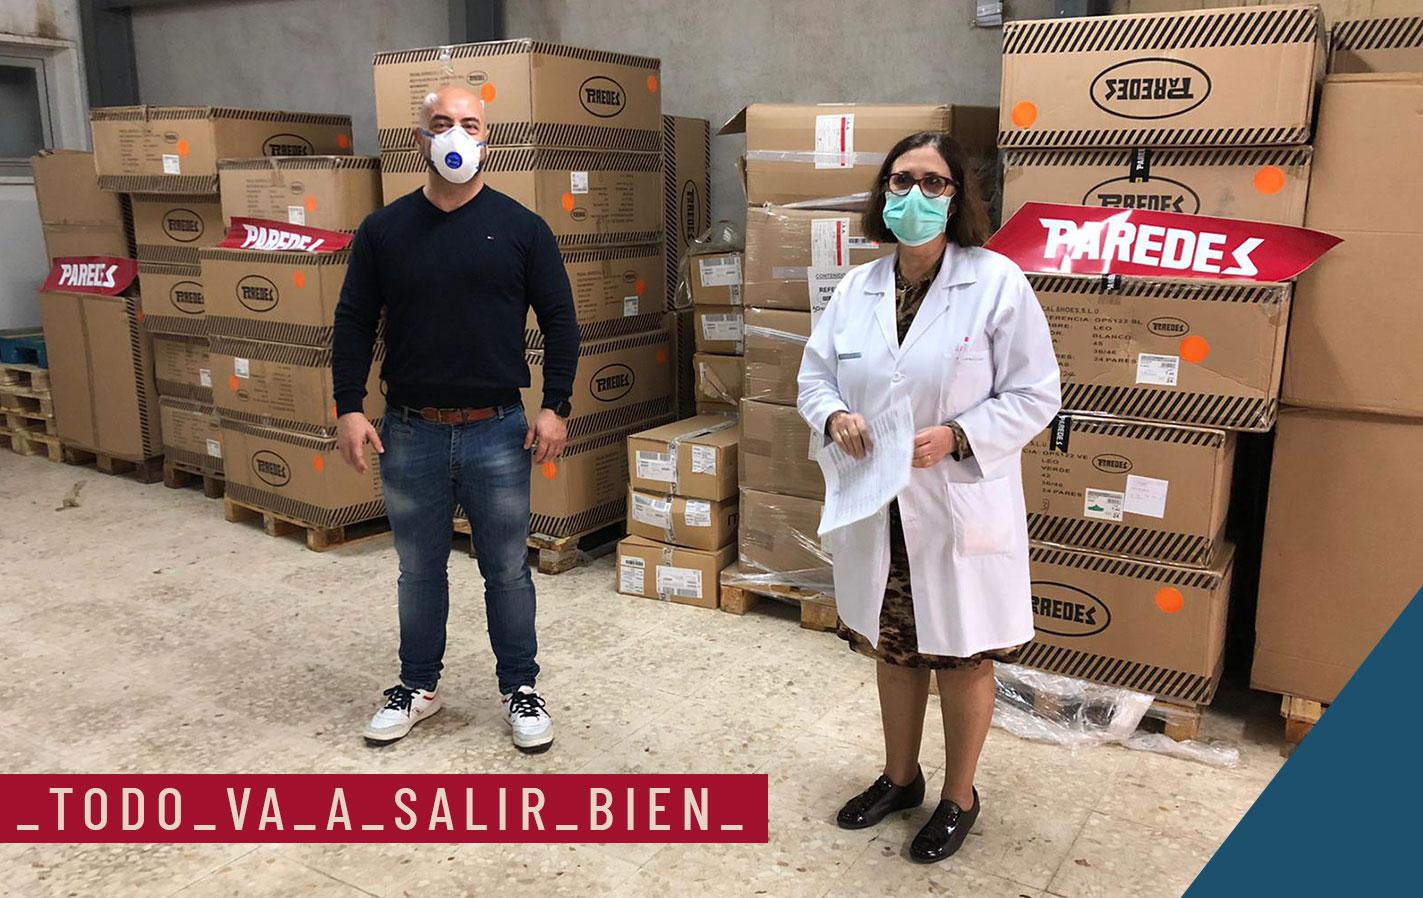 Donación calzado sanitario de Paredes a los Hospitales para hacer frente a la crisis sanitaria del Covid19